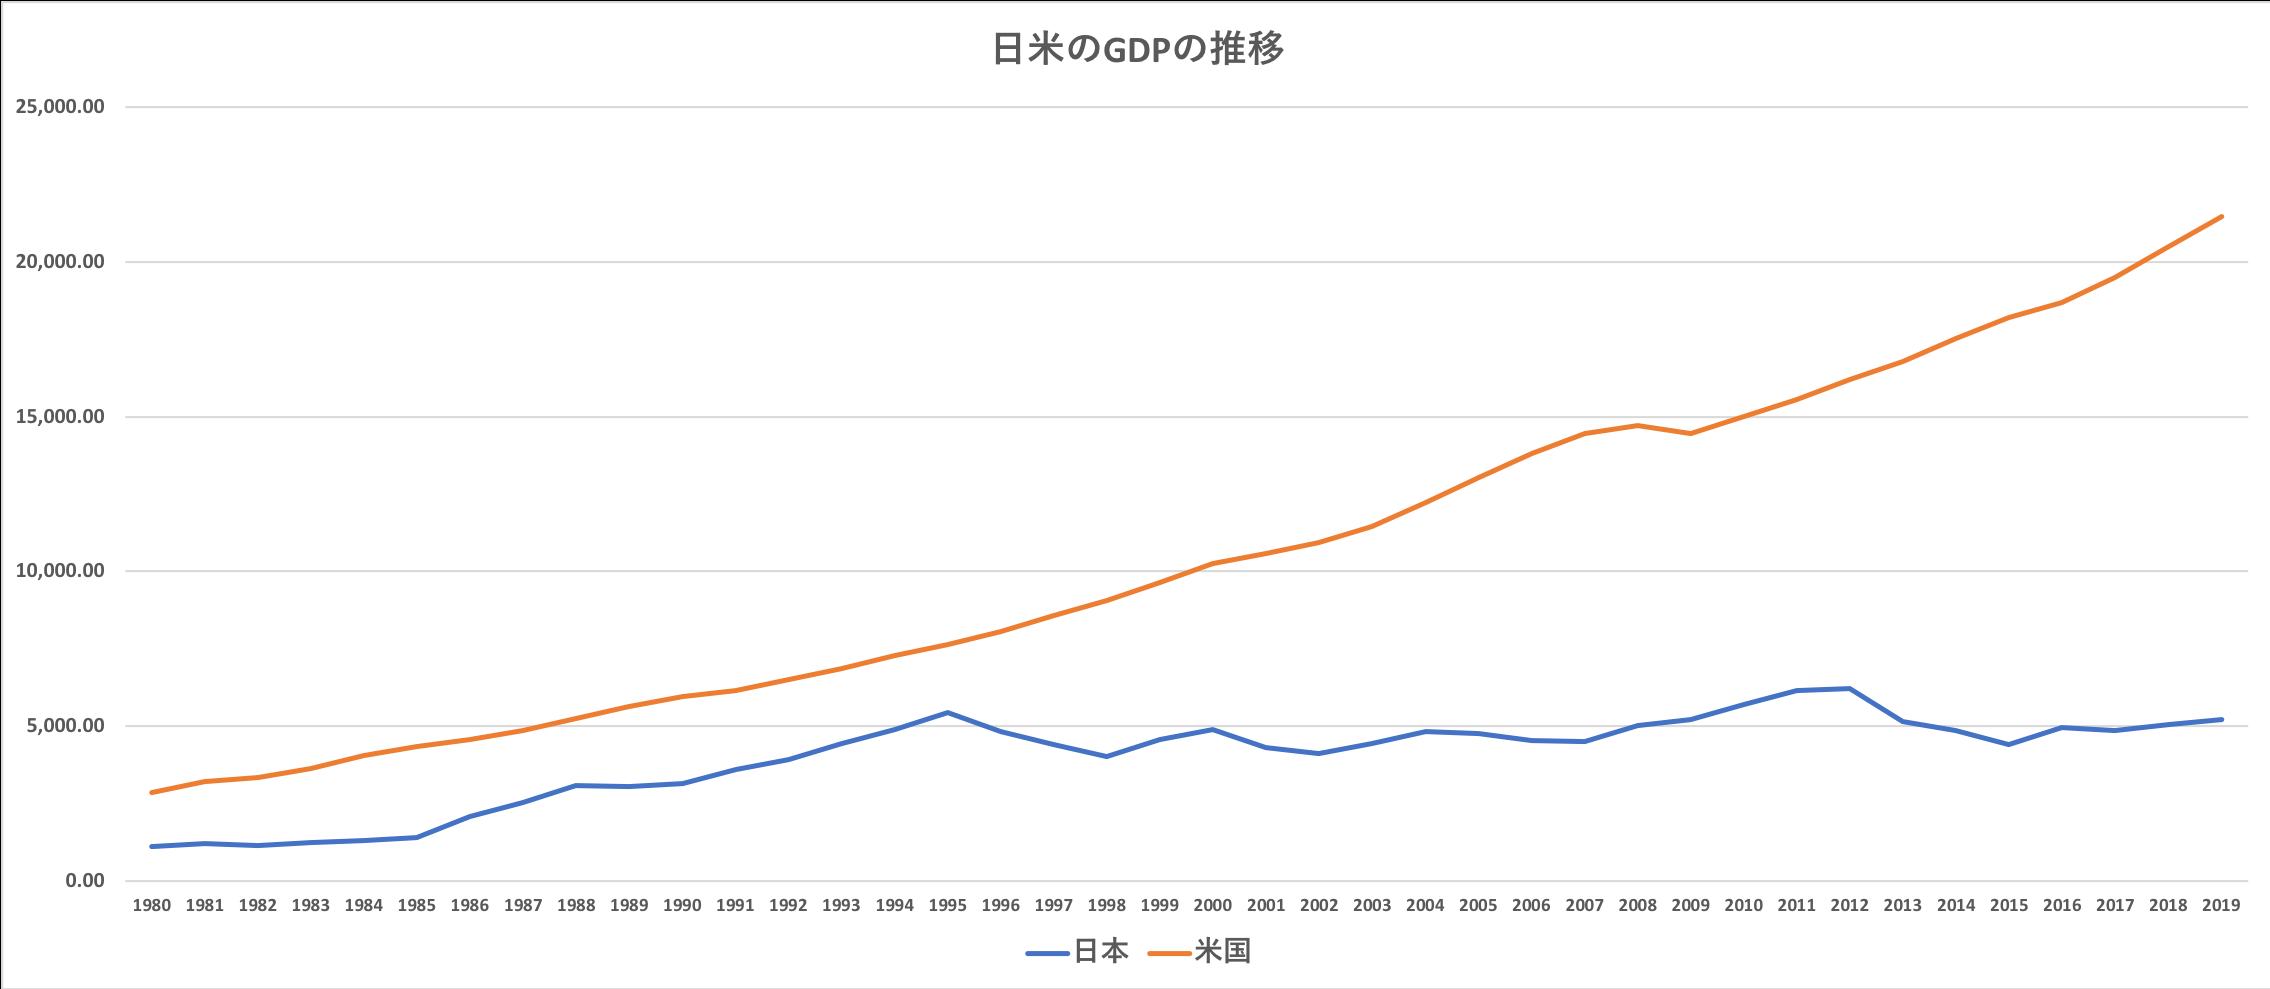 日本と米国のGDPの推移の差